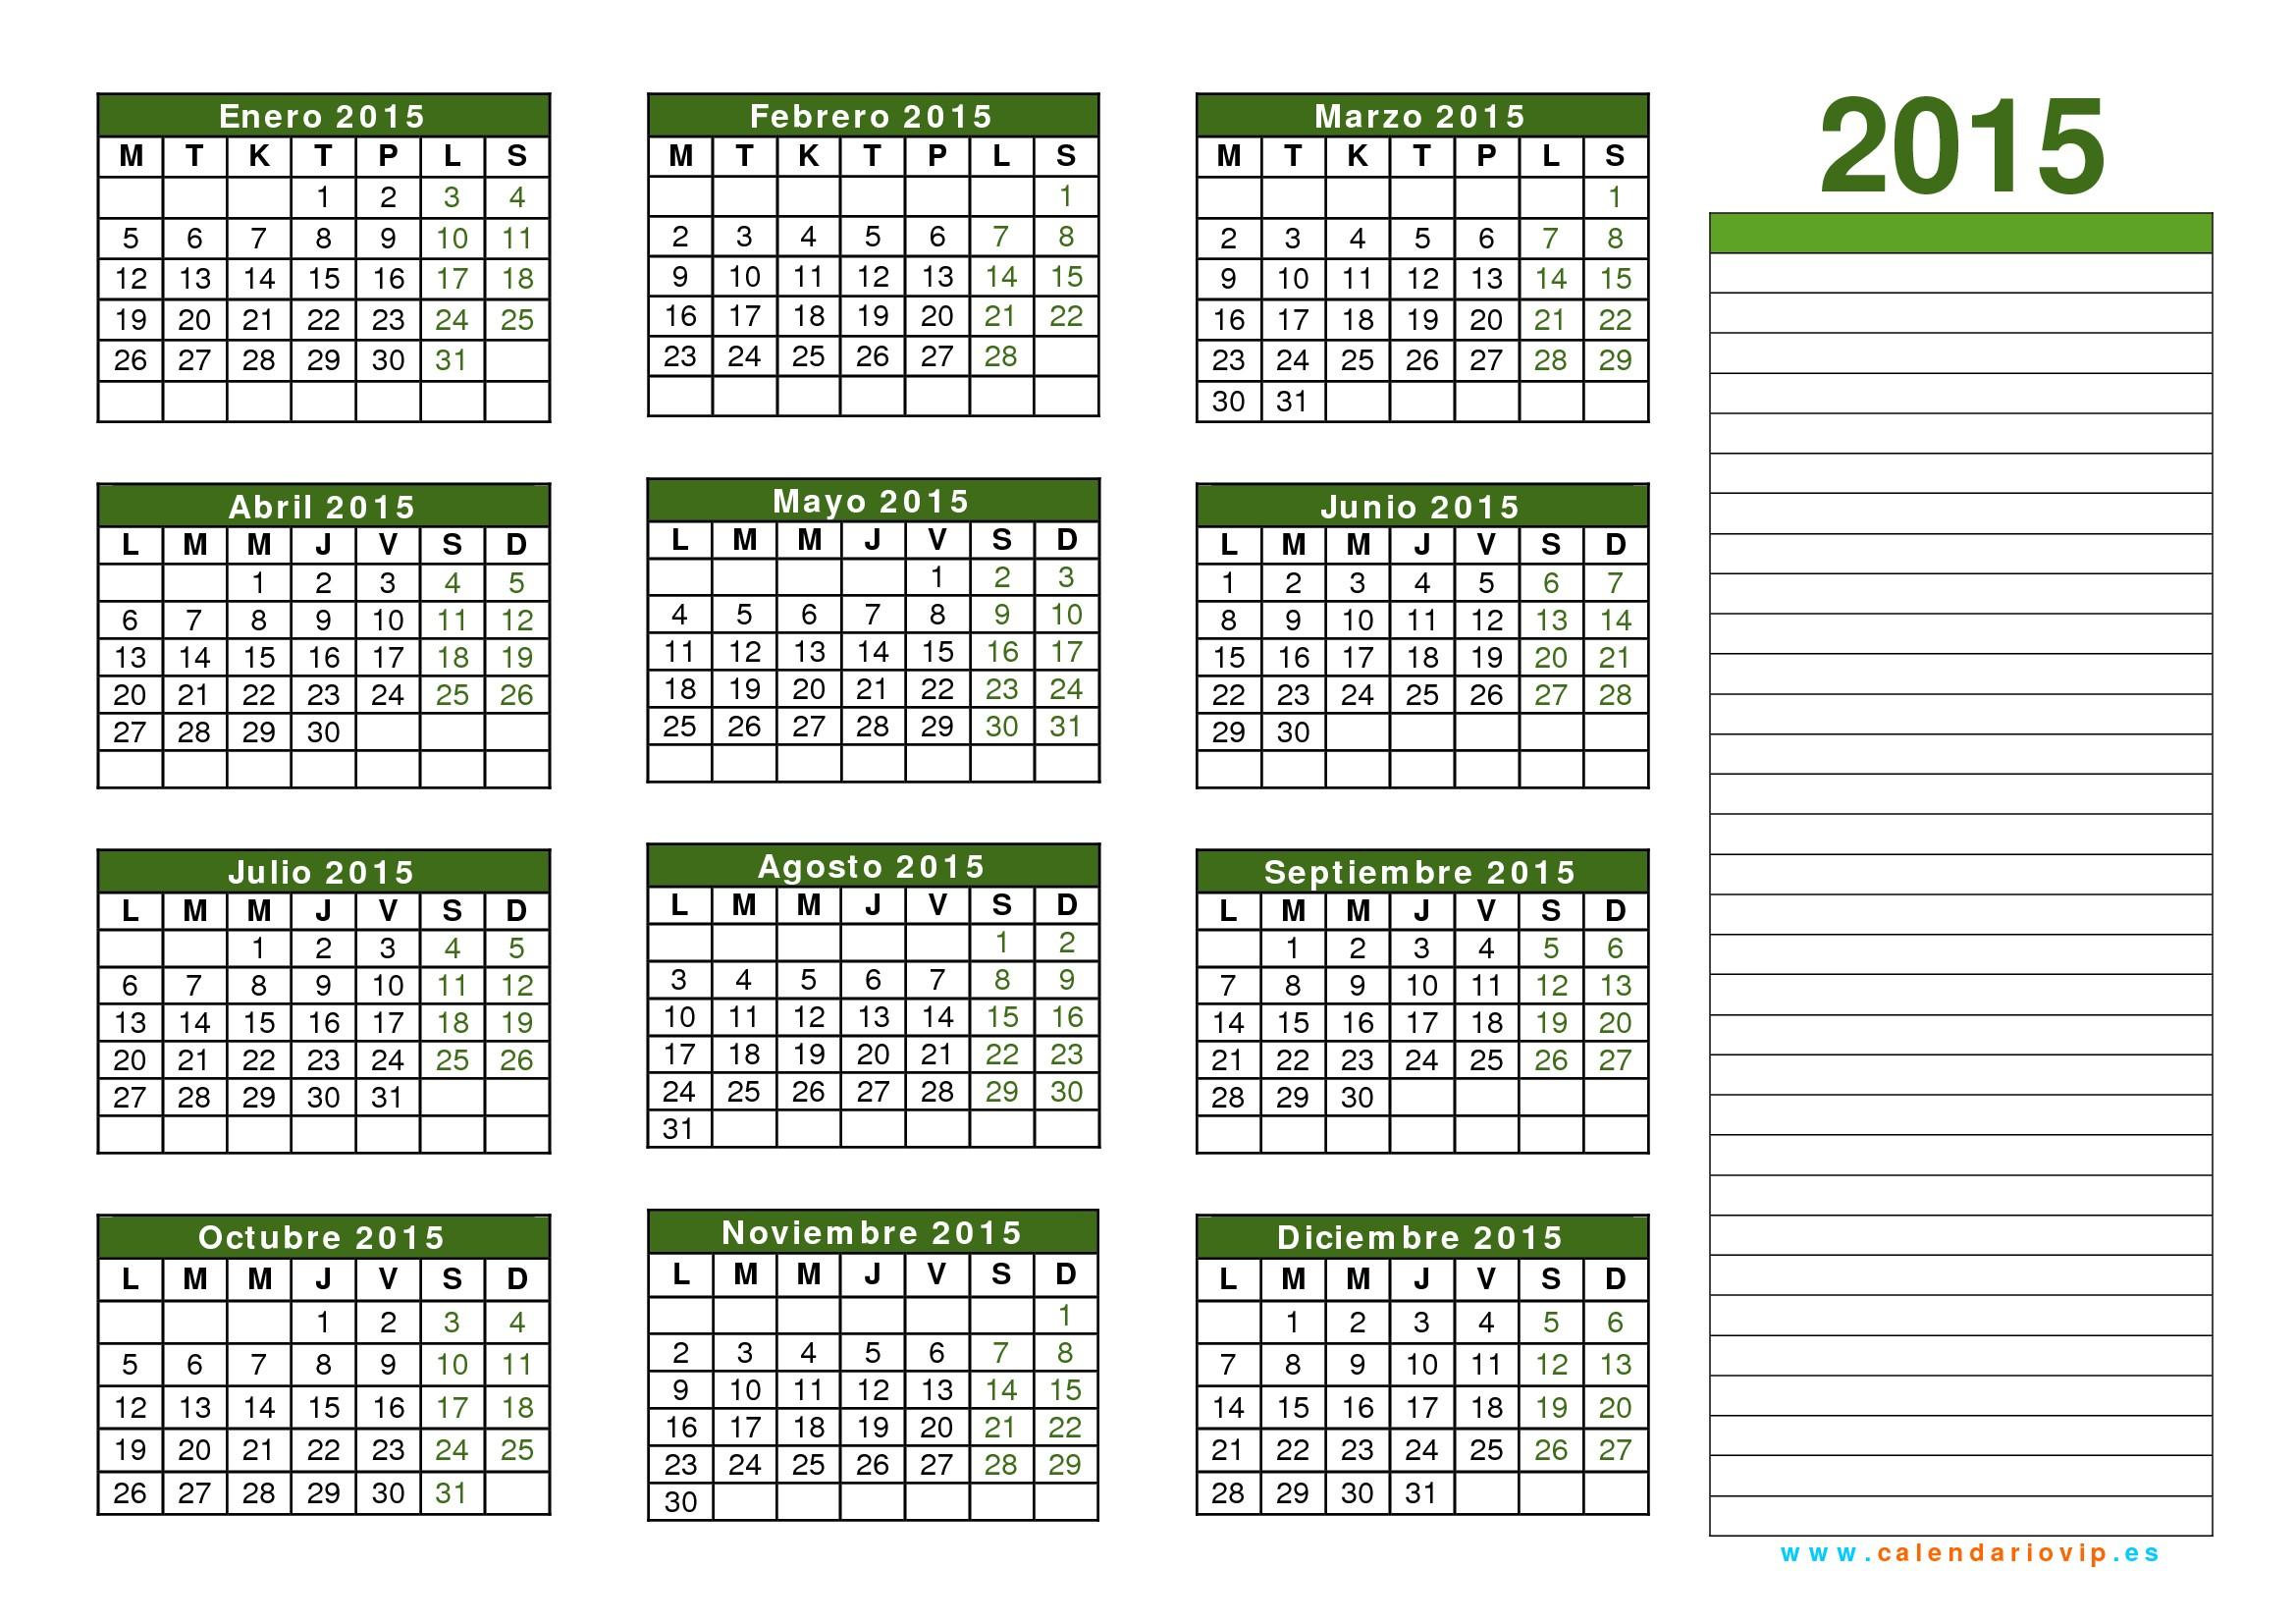 Calendario 2015 2